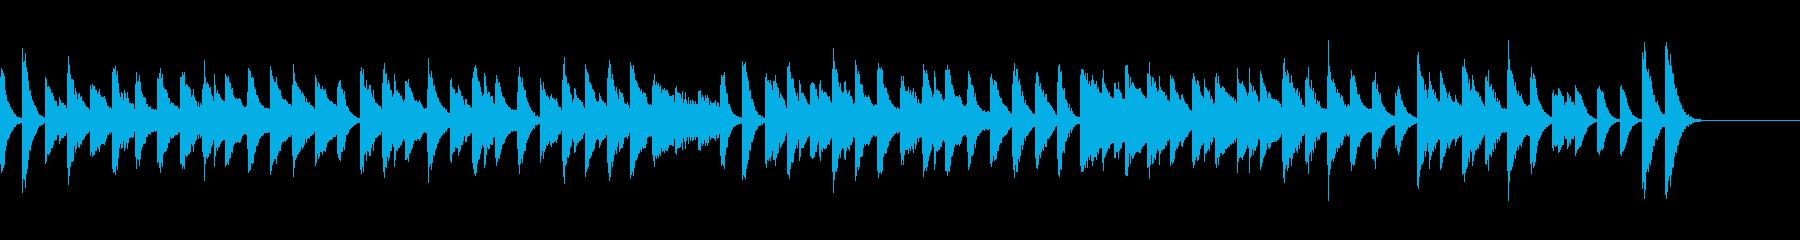 中世ヨーロッパを思わせるピアノジングルの再生済みの波形